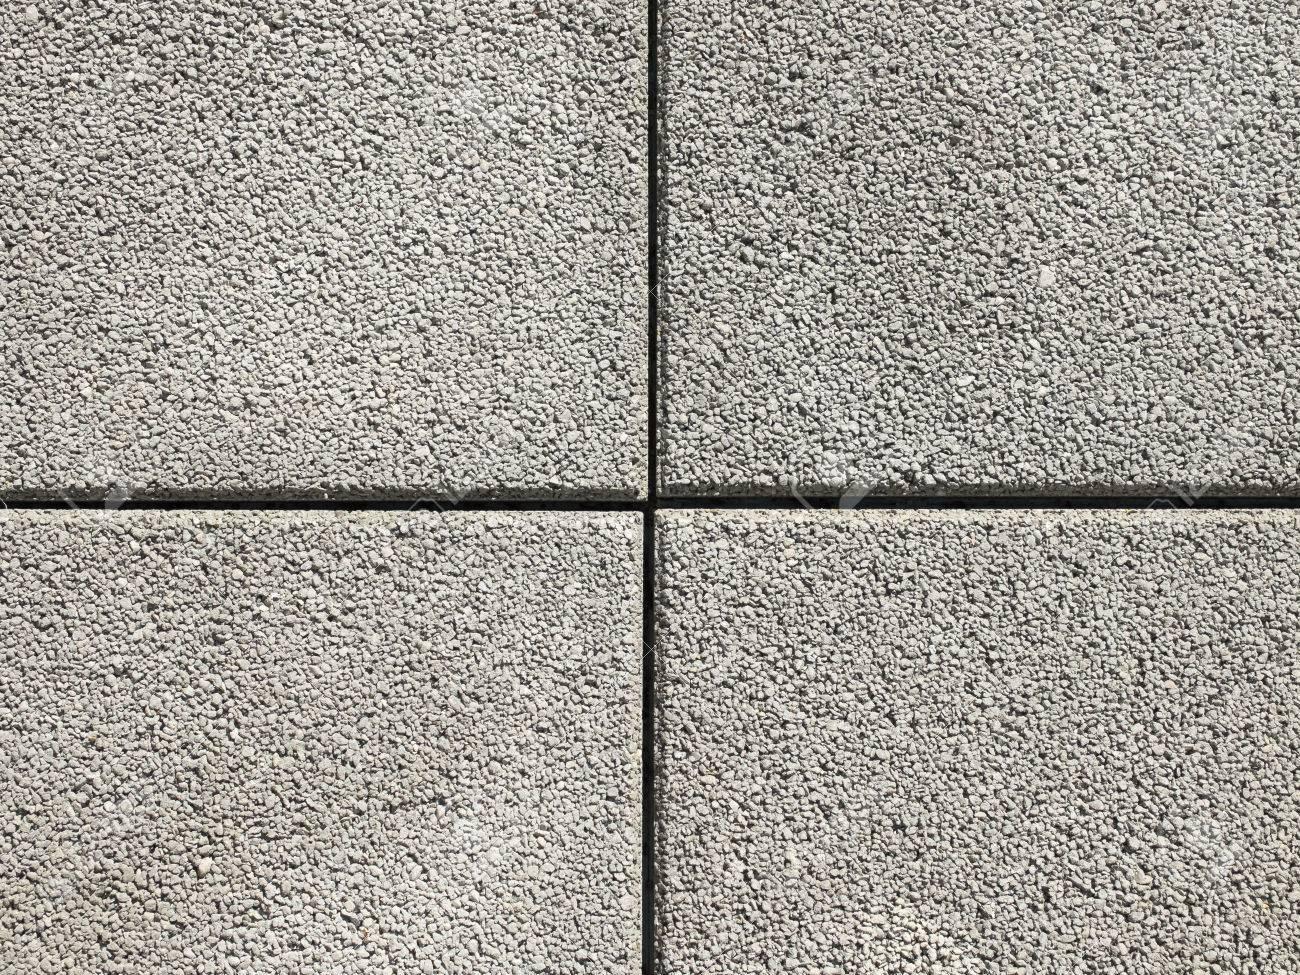 Concrete Tile Floor Texture